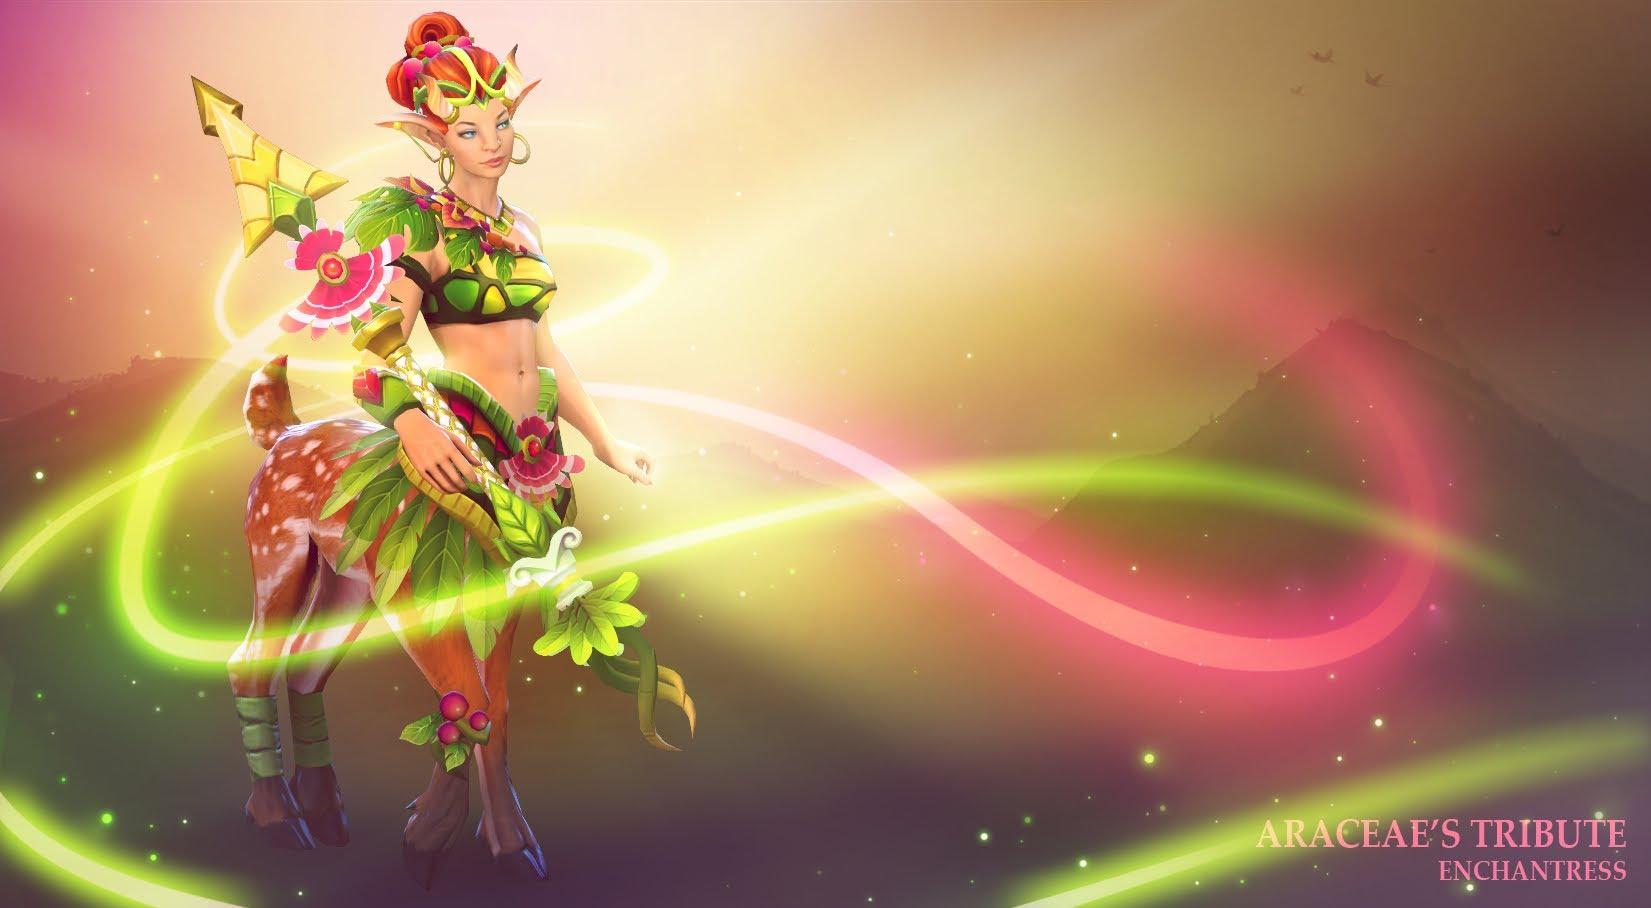 Dota 2 : Enchantress Free